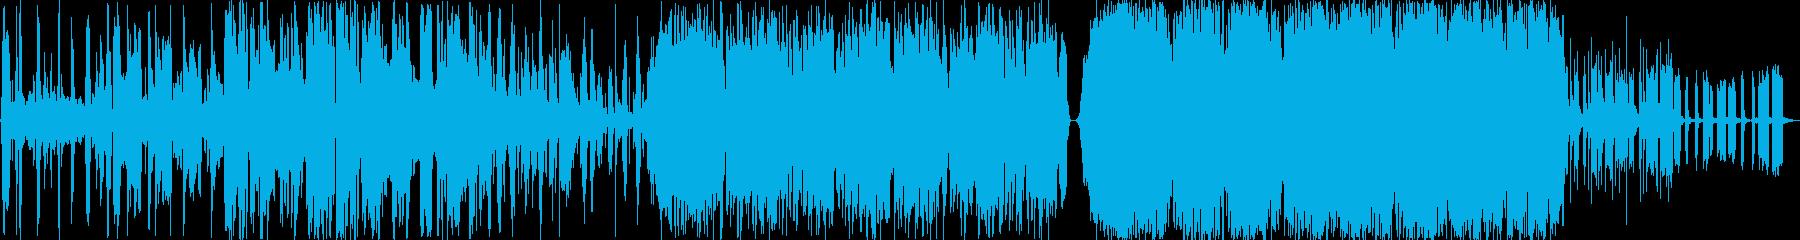 コミカルなfatboy slim的テクノの再生済みの波形